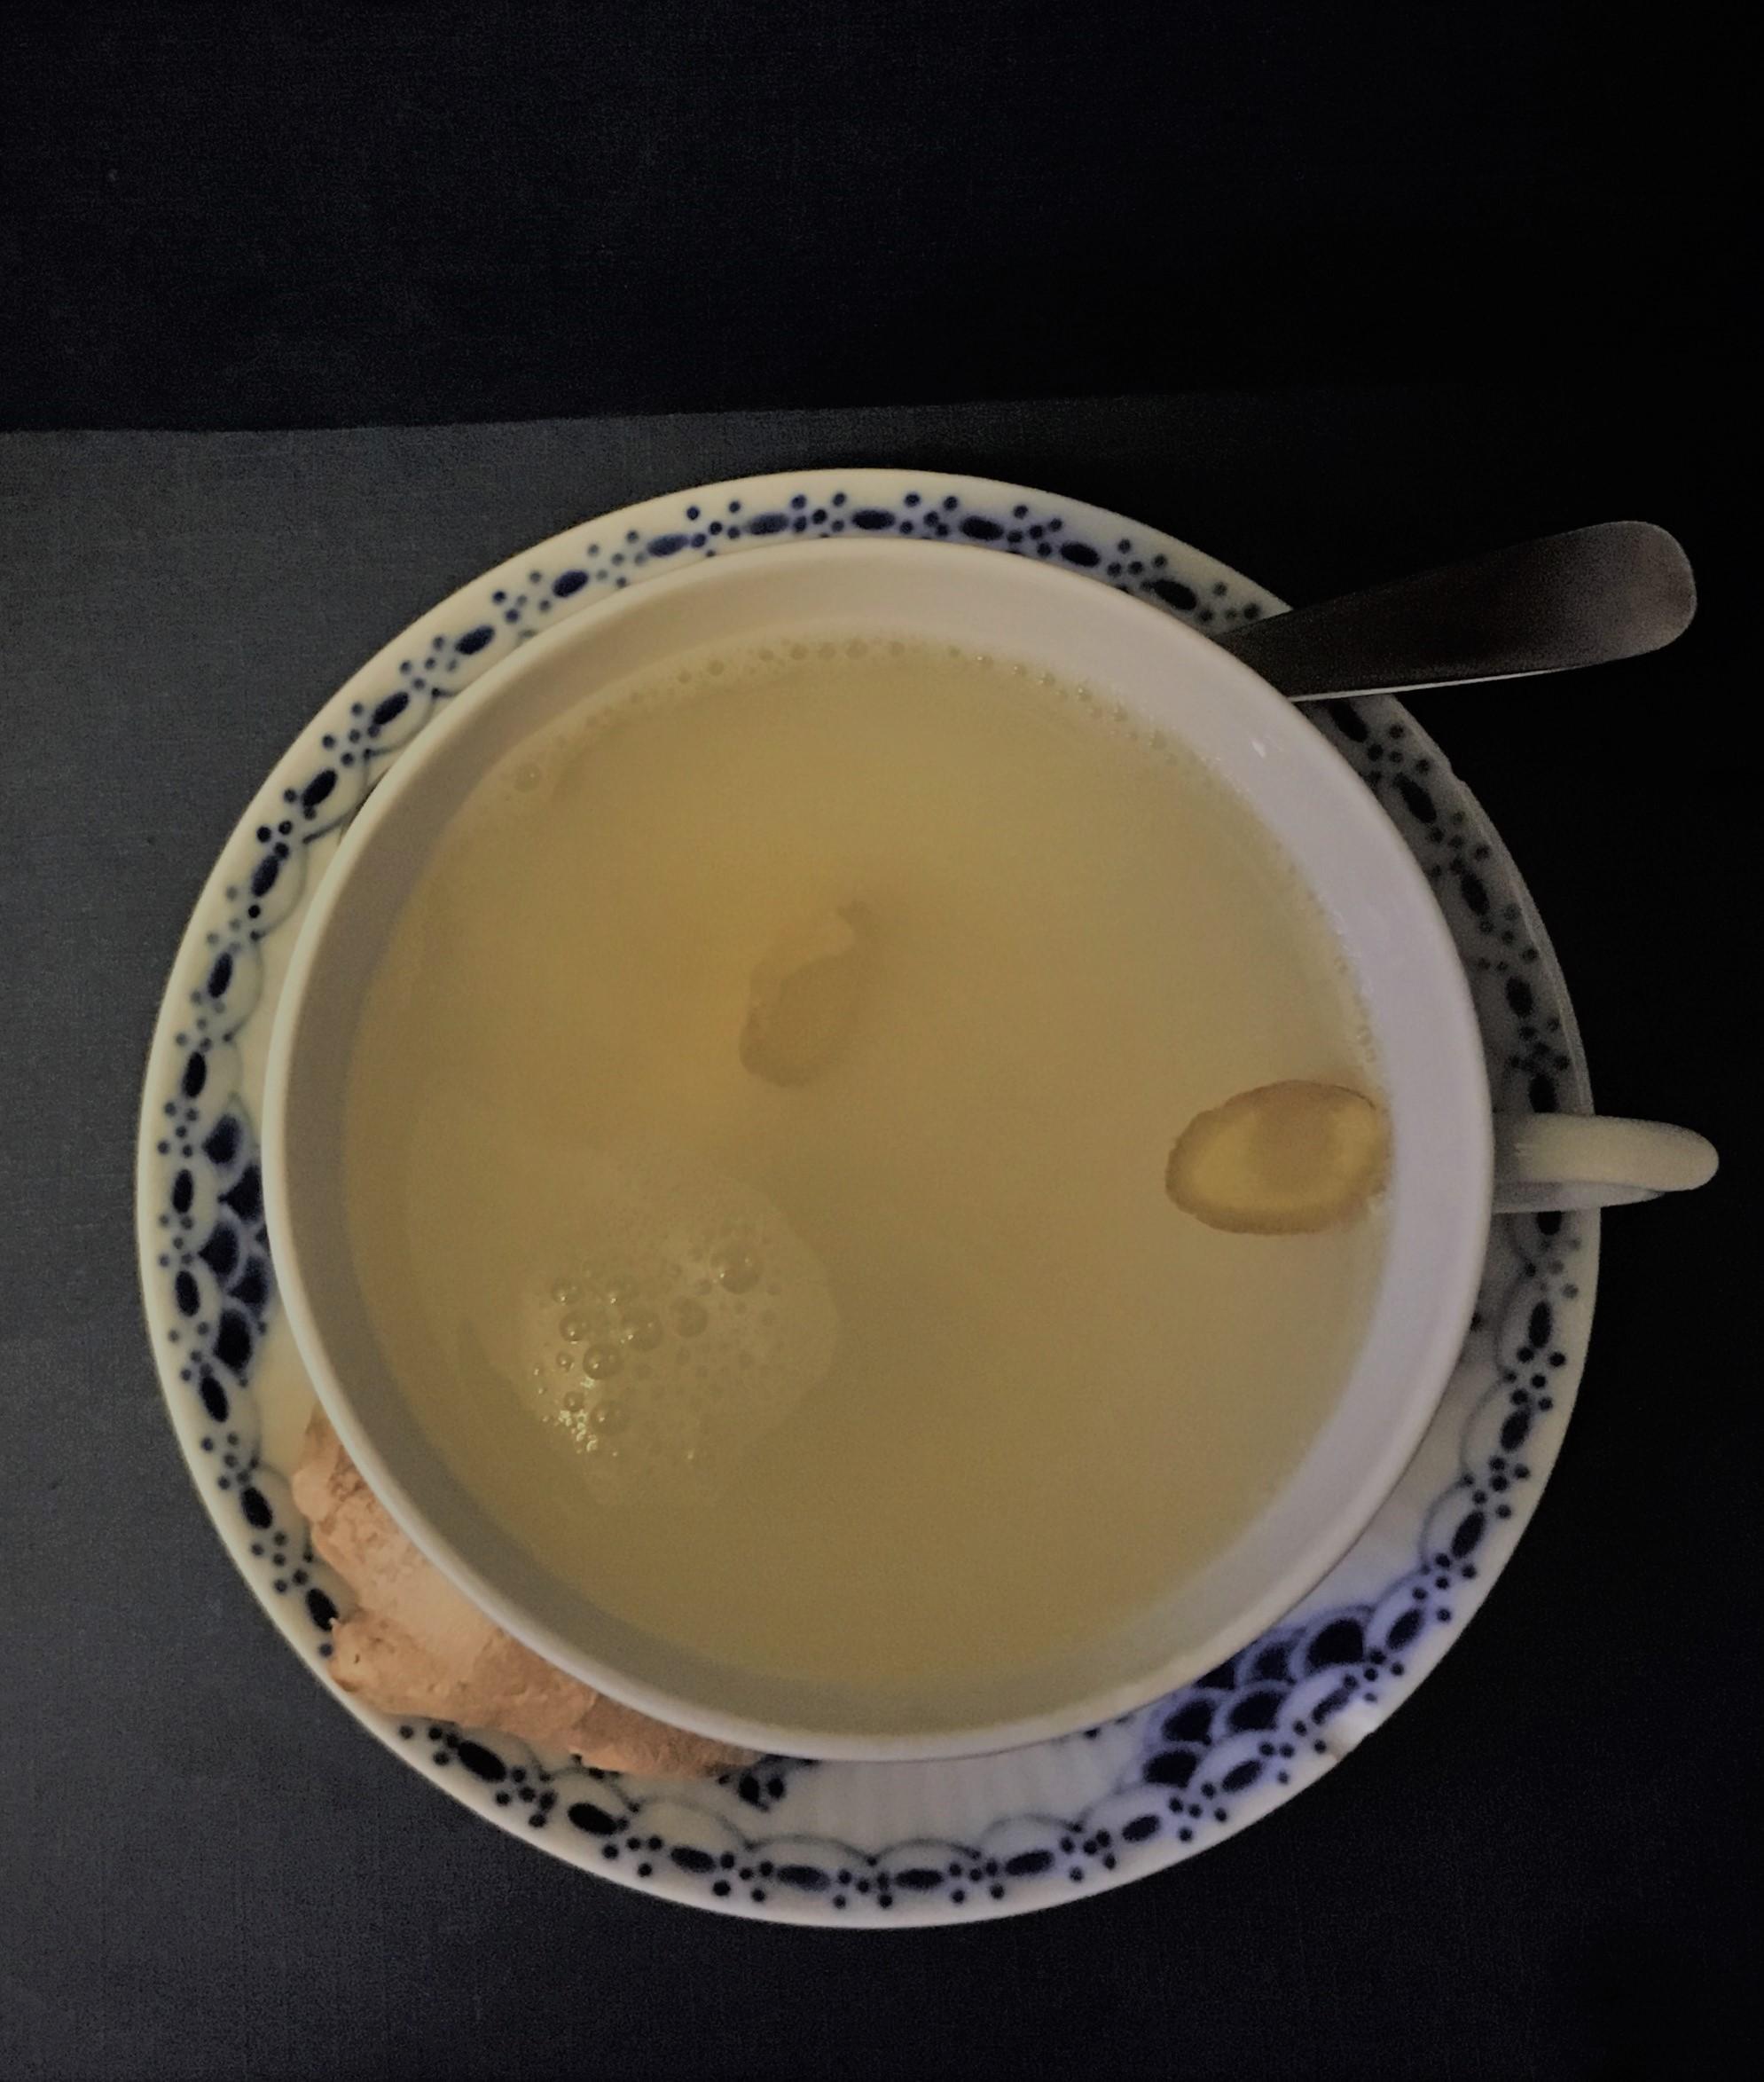 Ingefær te, opskrift, SuperOtium, god for led, gigt, hjertesund, madplan